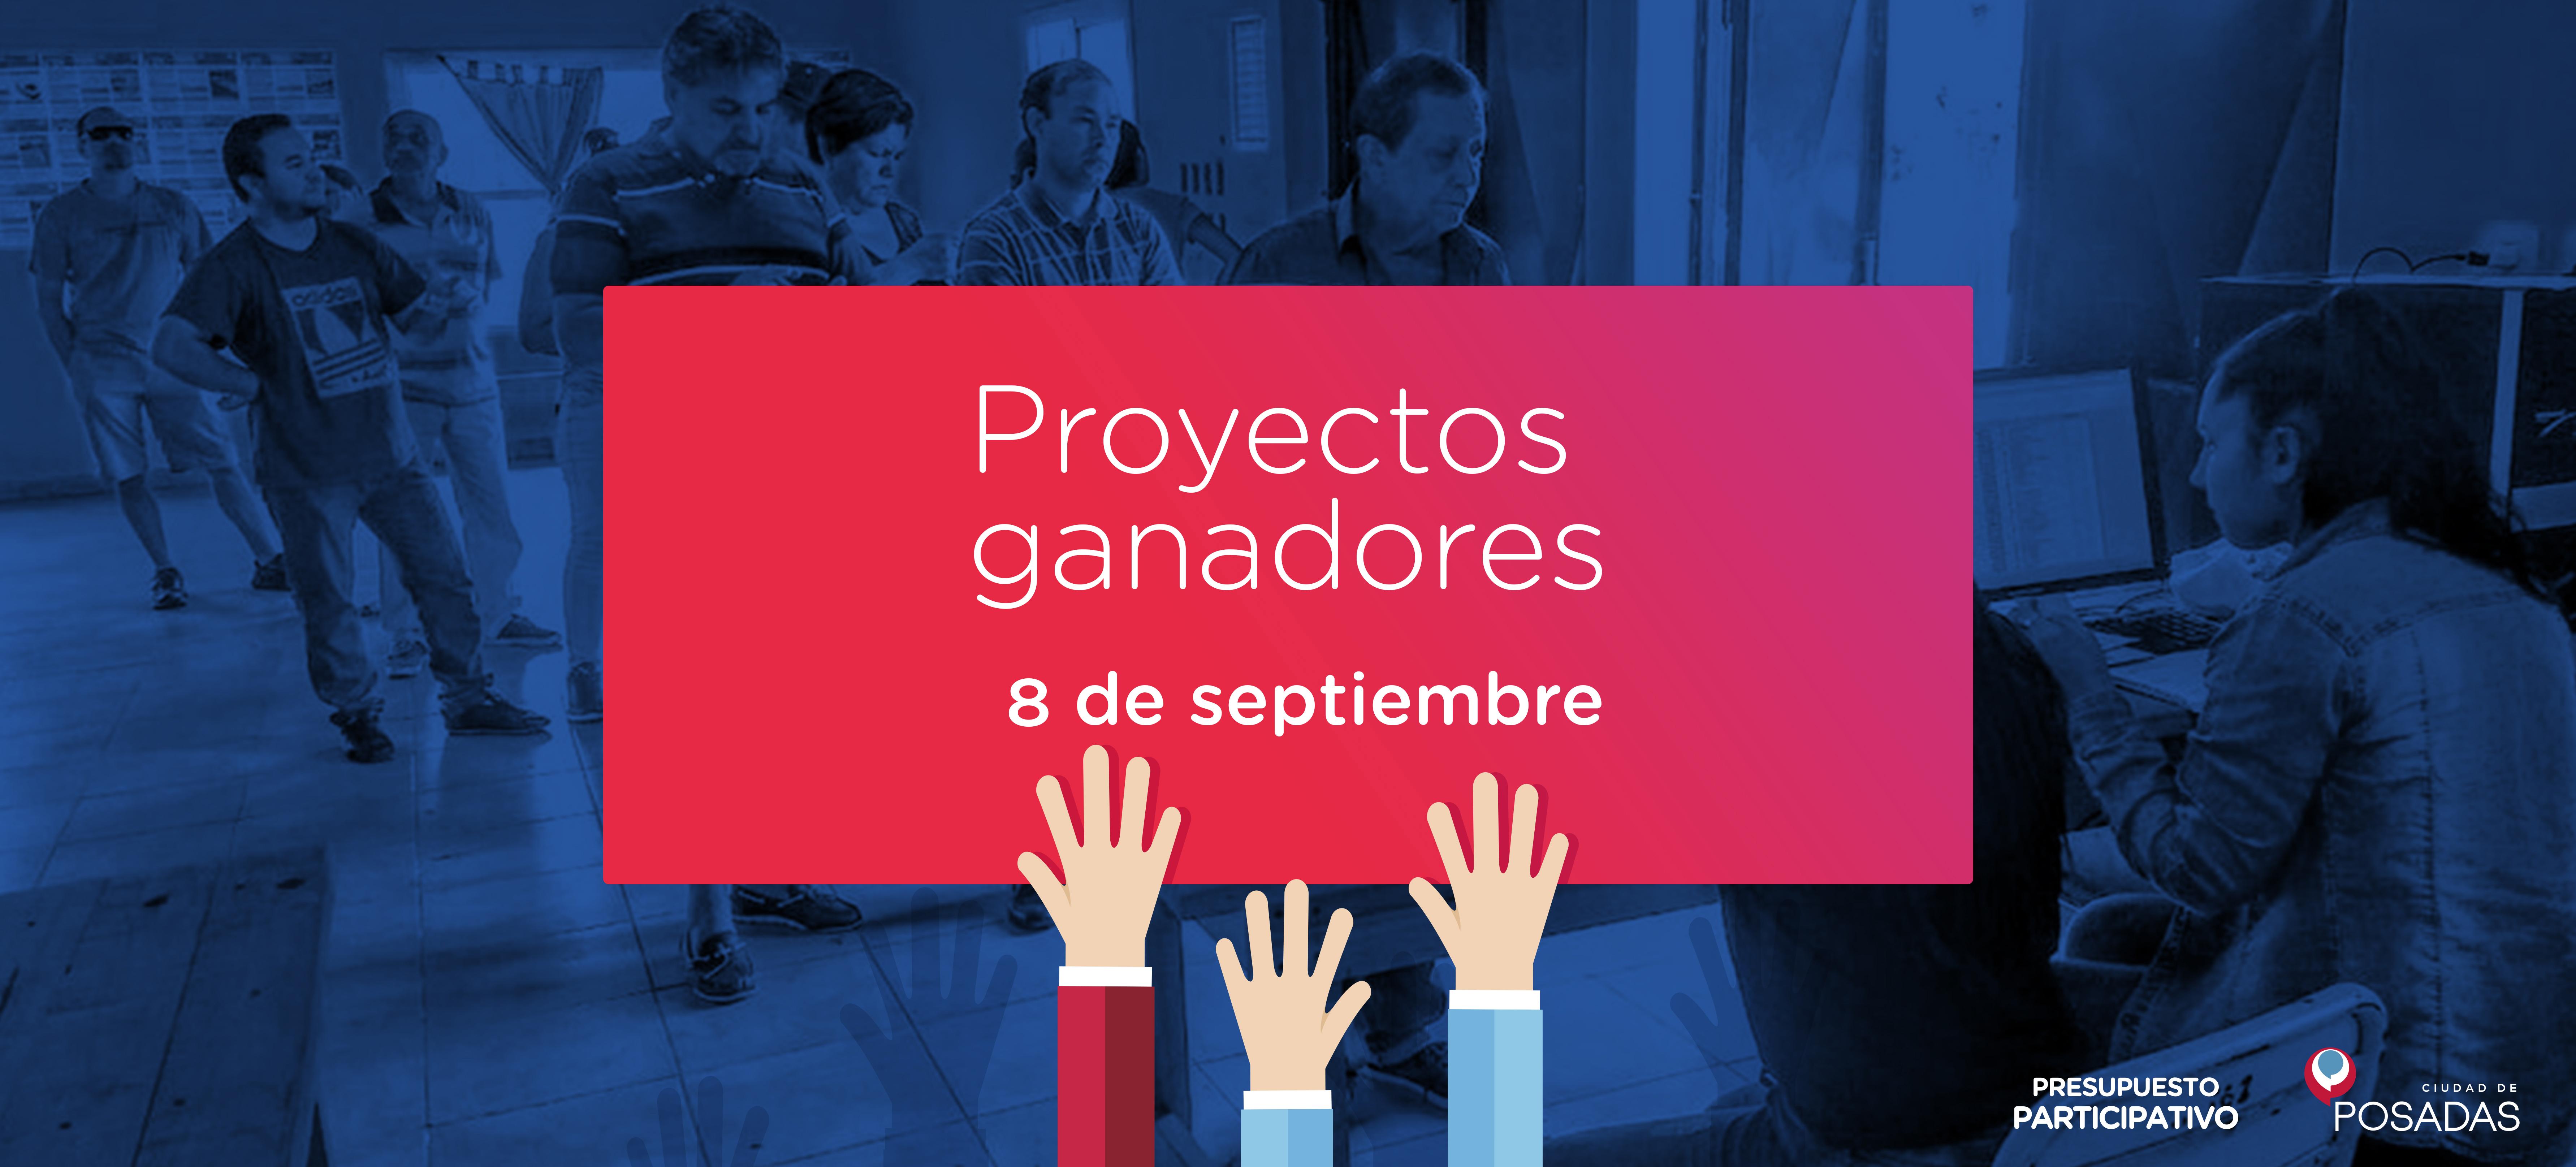 Proyectos ganadores 10 de septiembre 002